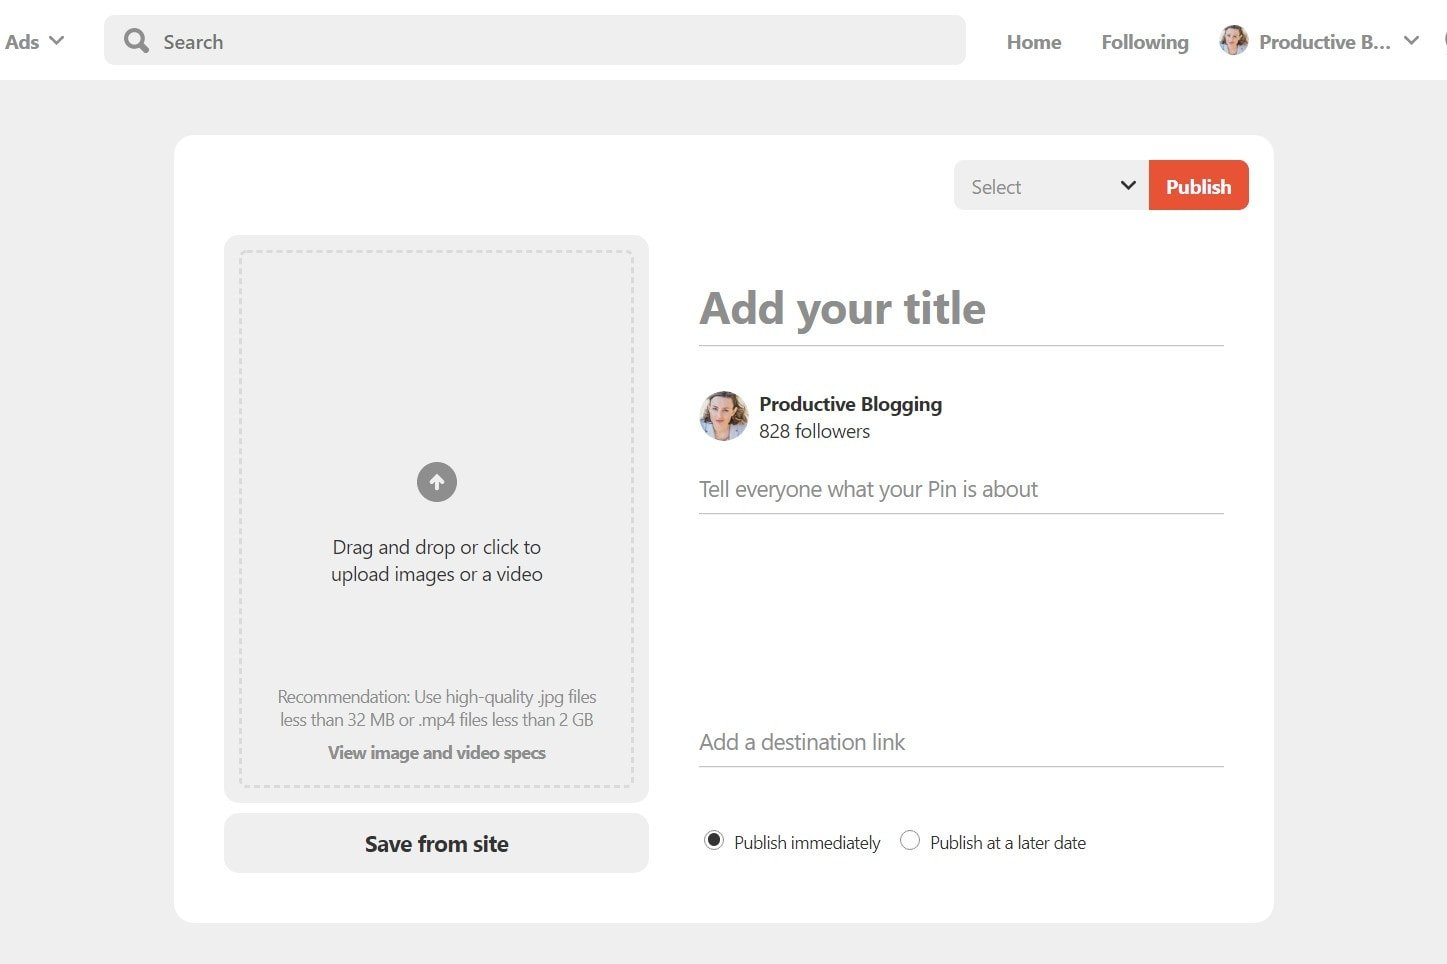 Beginner's guide to Pinterest for Bloggers